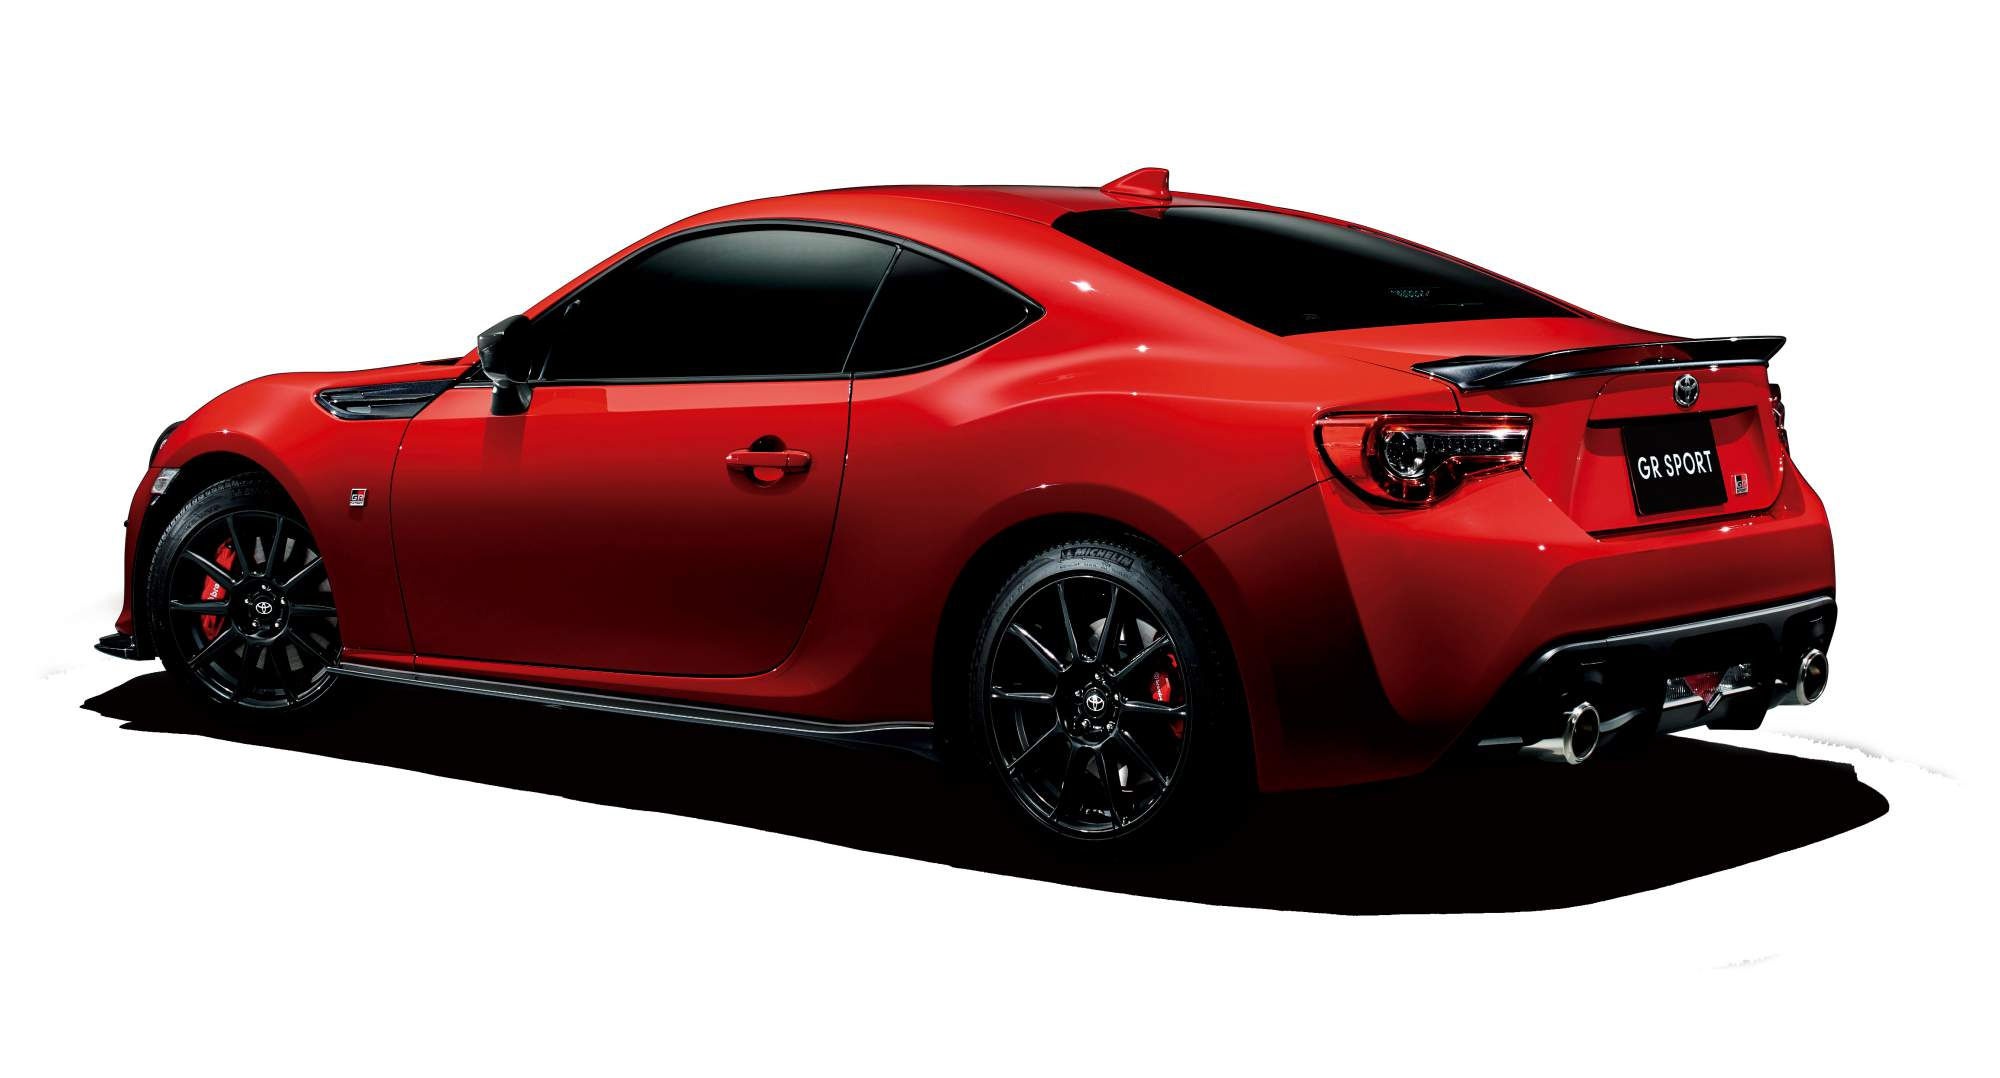 620+ Gambar Mobil Toyota Sport Terbaru Gratis Terbaru